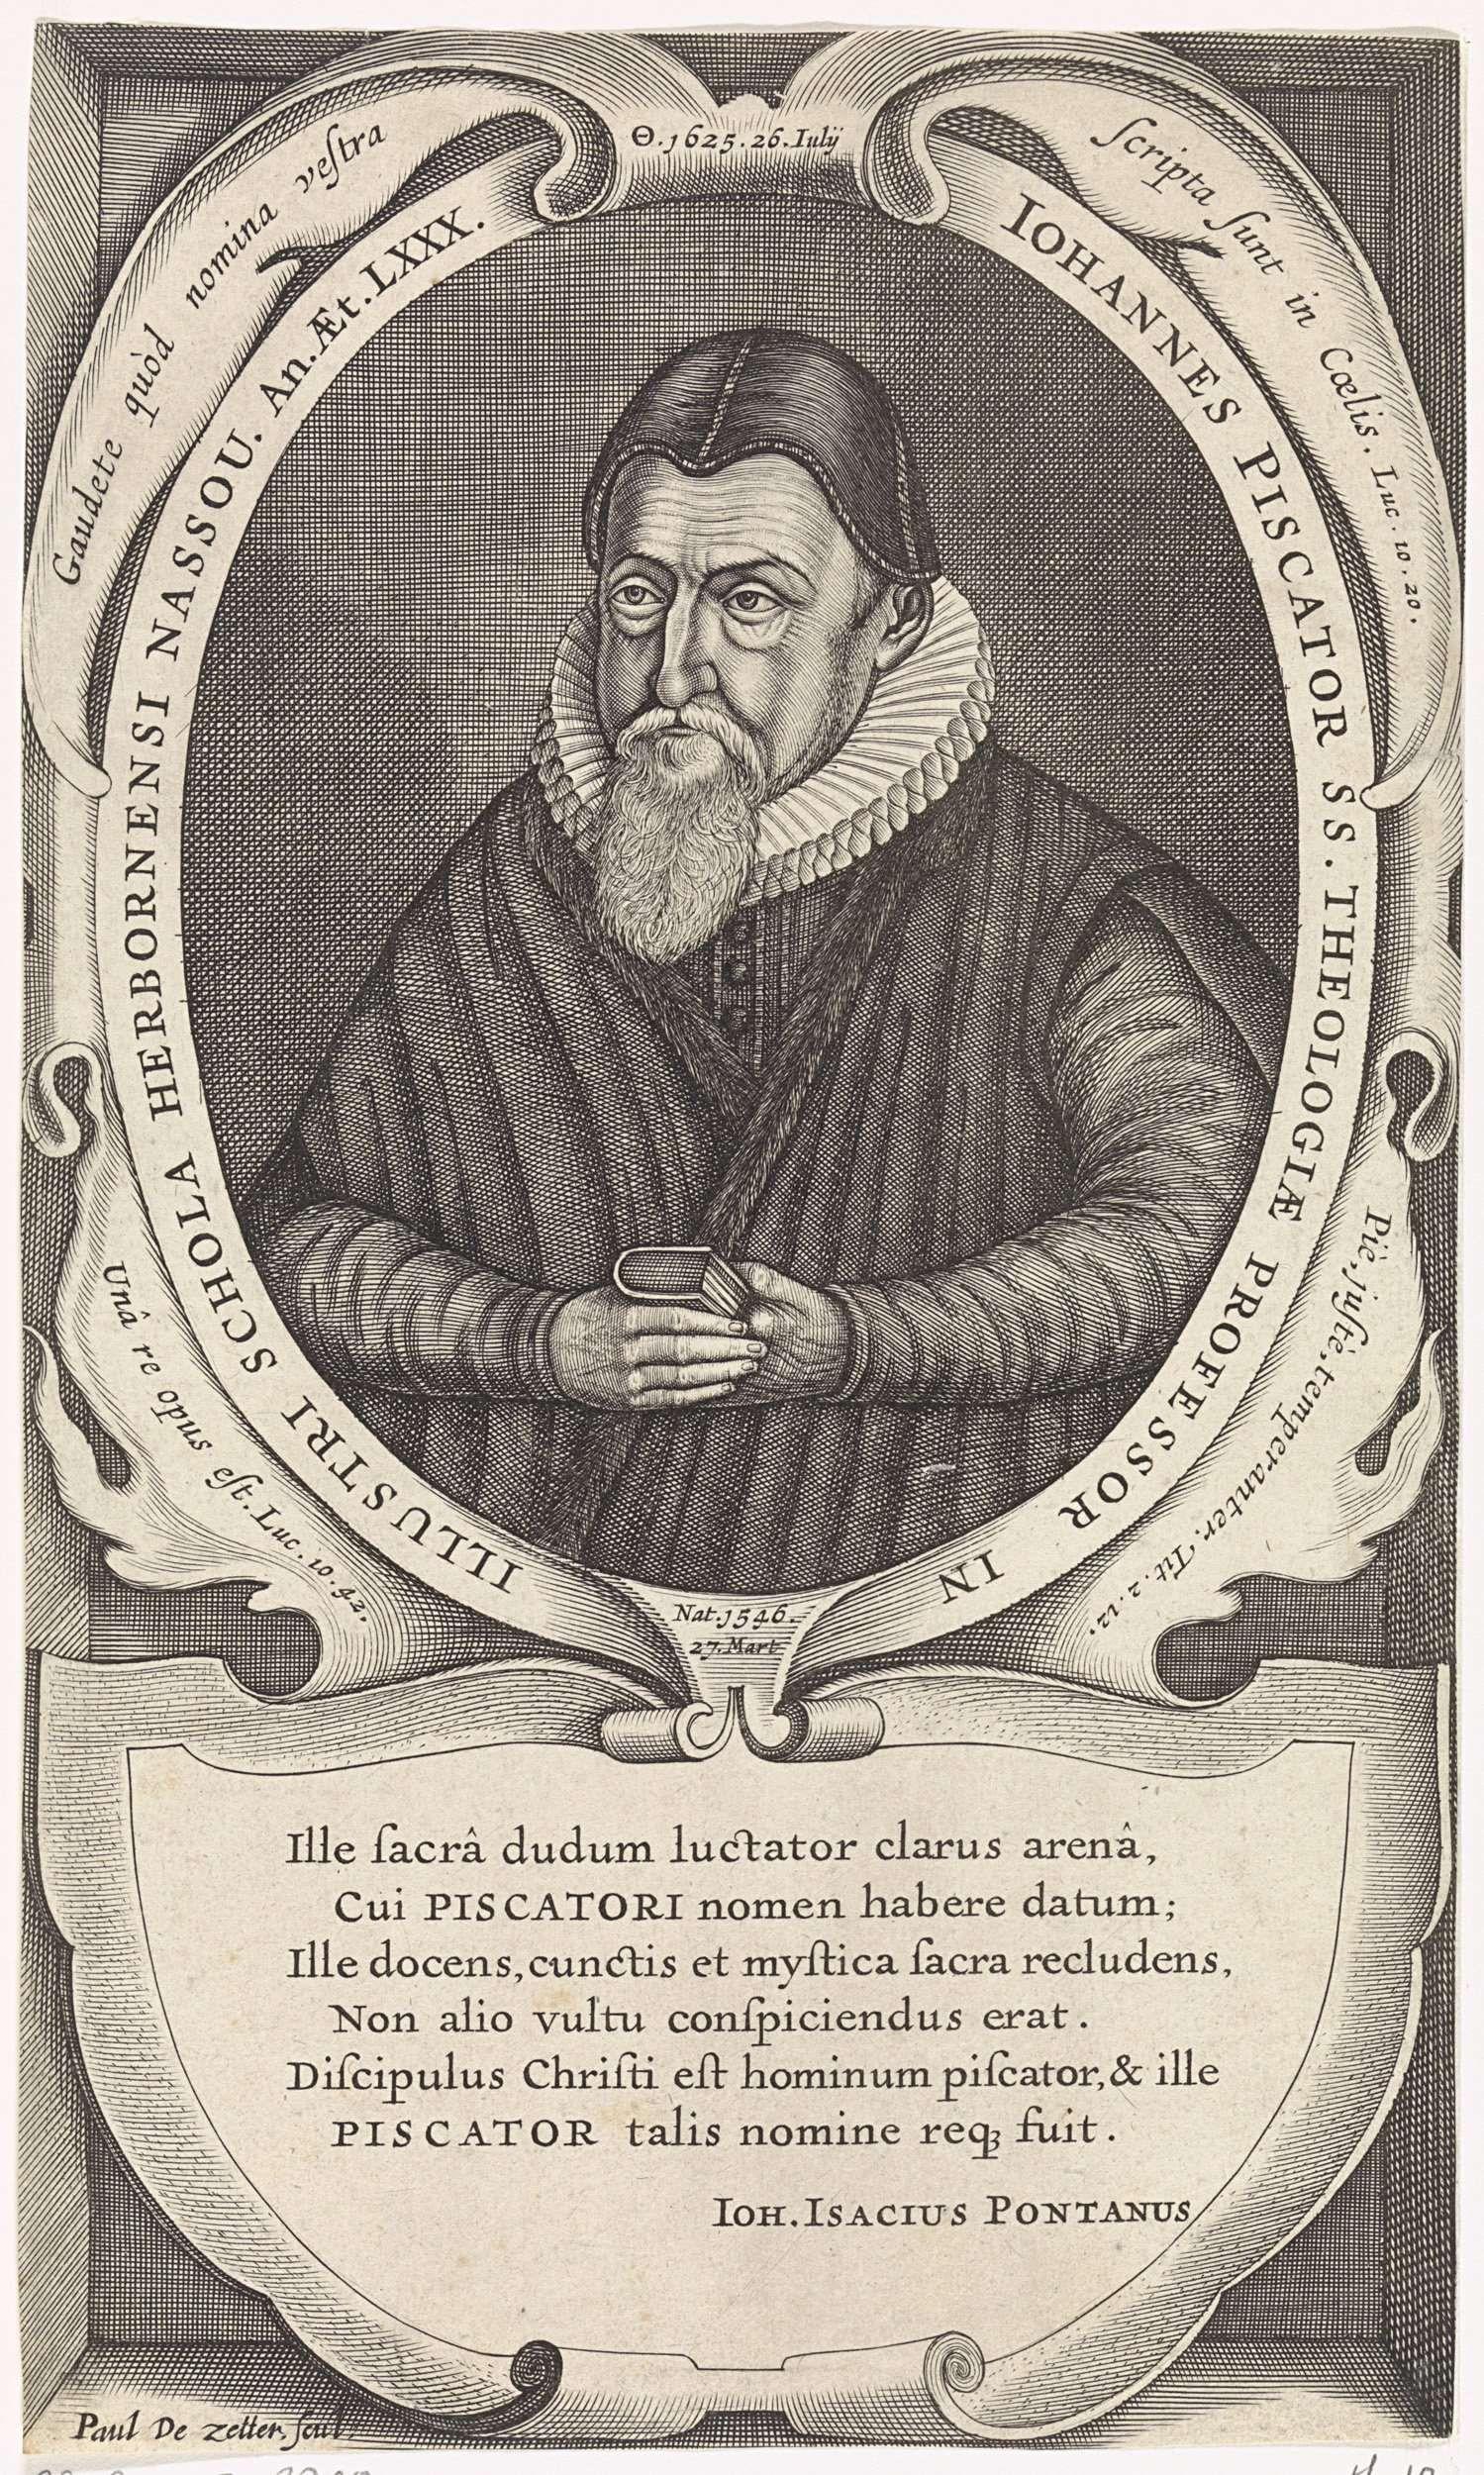 Paul de Zetter | Portret van Johannes Piscator, Paul de Zetter, Johannes Isacius Pontanus, 1625 - 1667 | Portret van Johannes Piscator, theoloog en bijbelvertaler, met een Bijbel in zijn handen. Onderaan een cartouche met een zesregelige tekst in het Latijn.